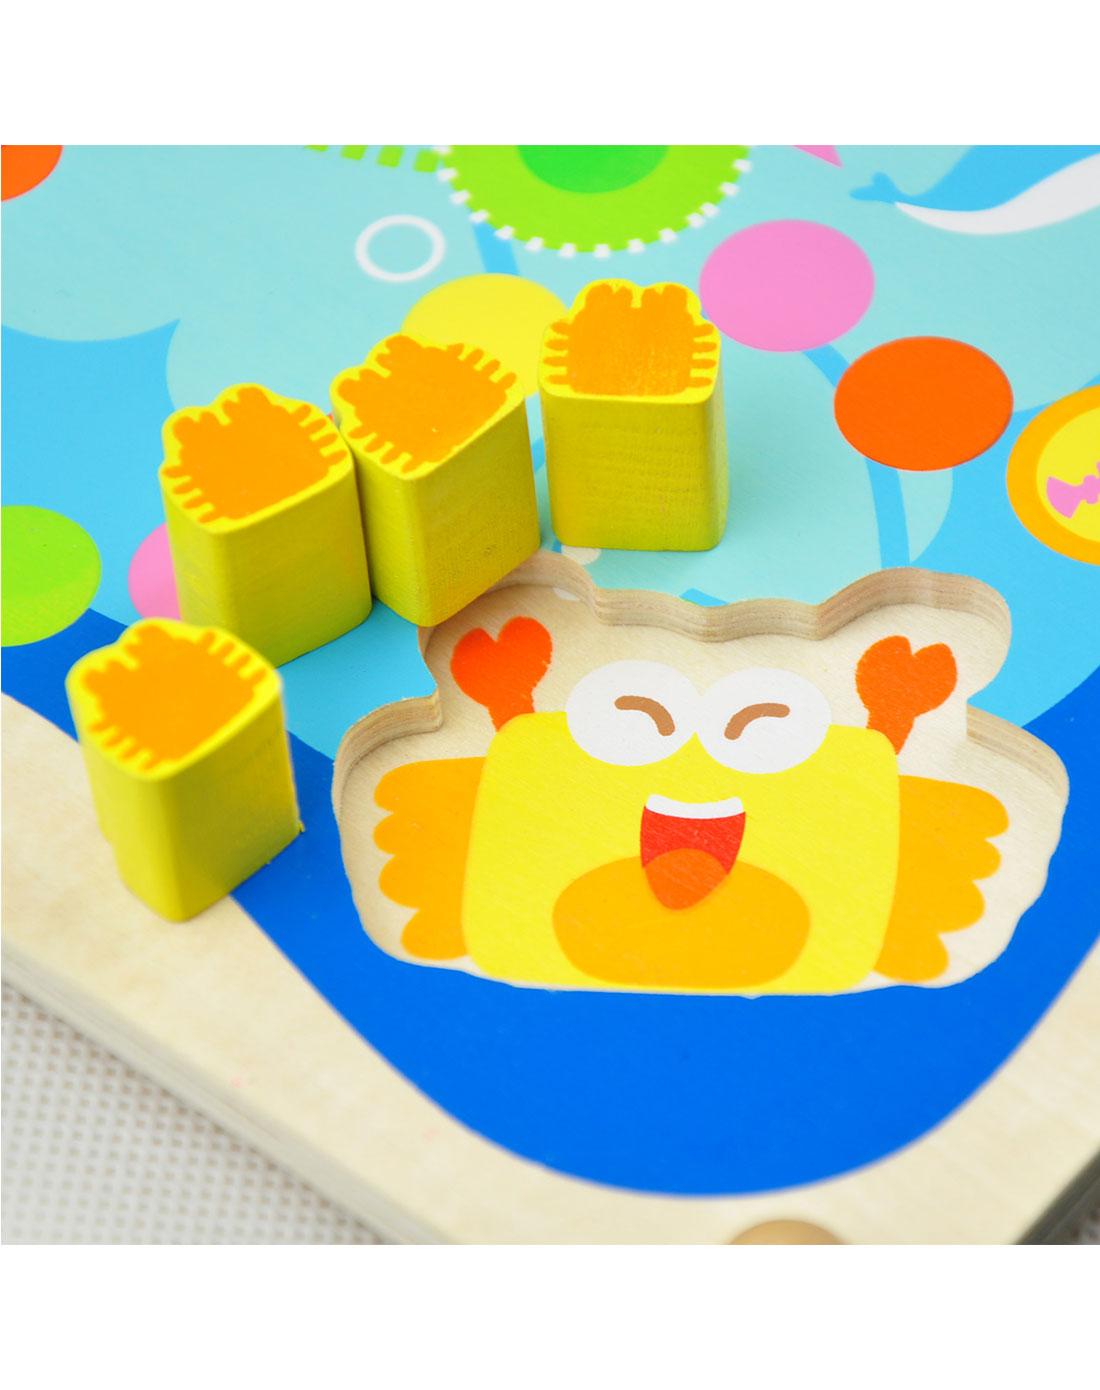 (无定价)智立方海洋主题双面棋